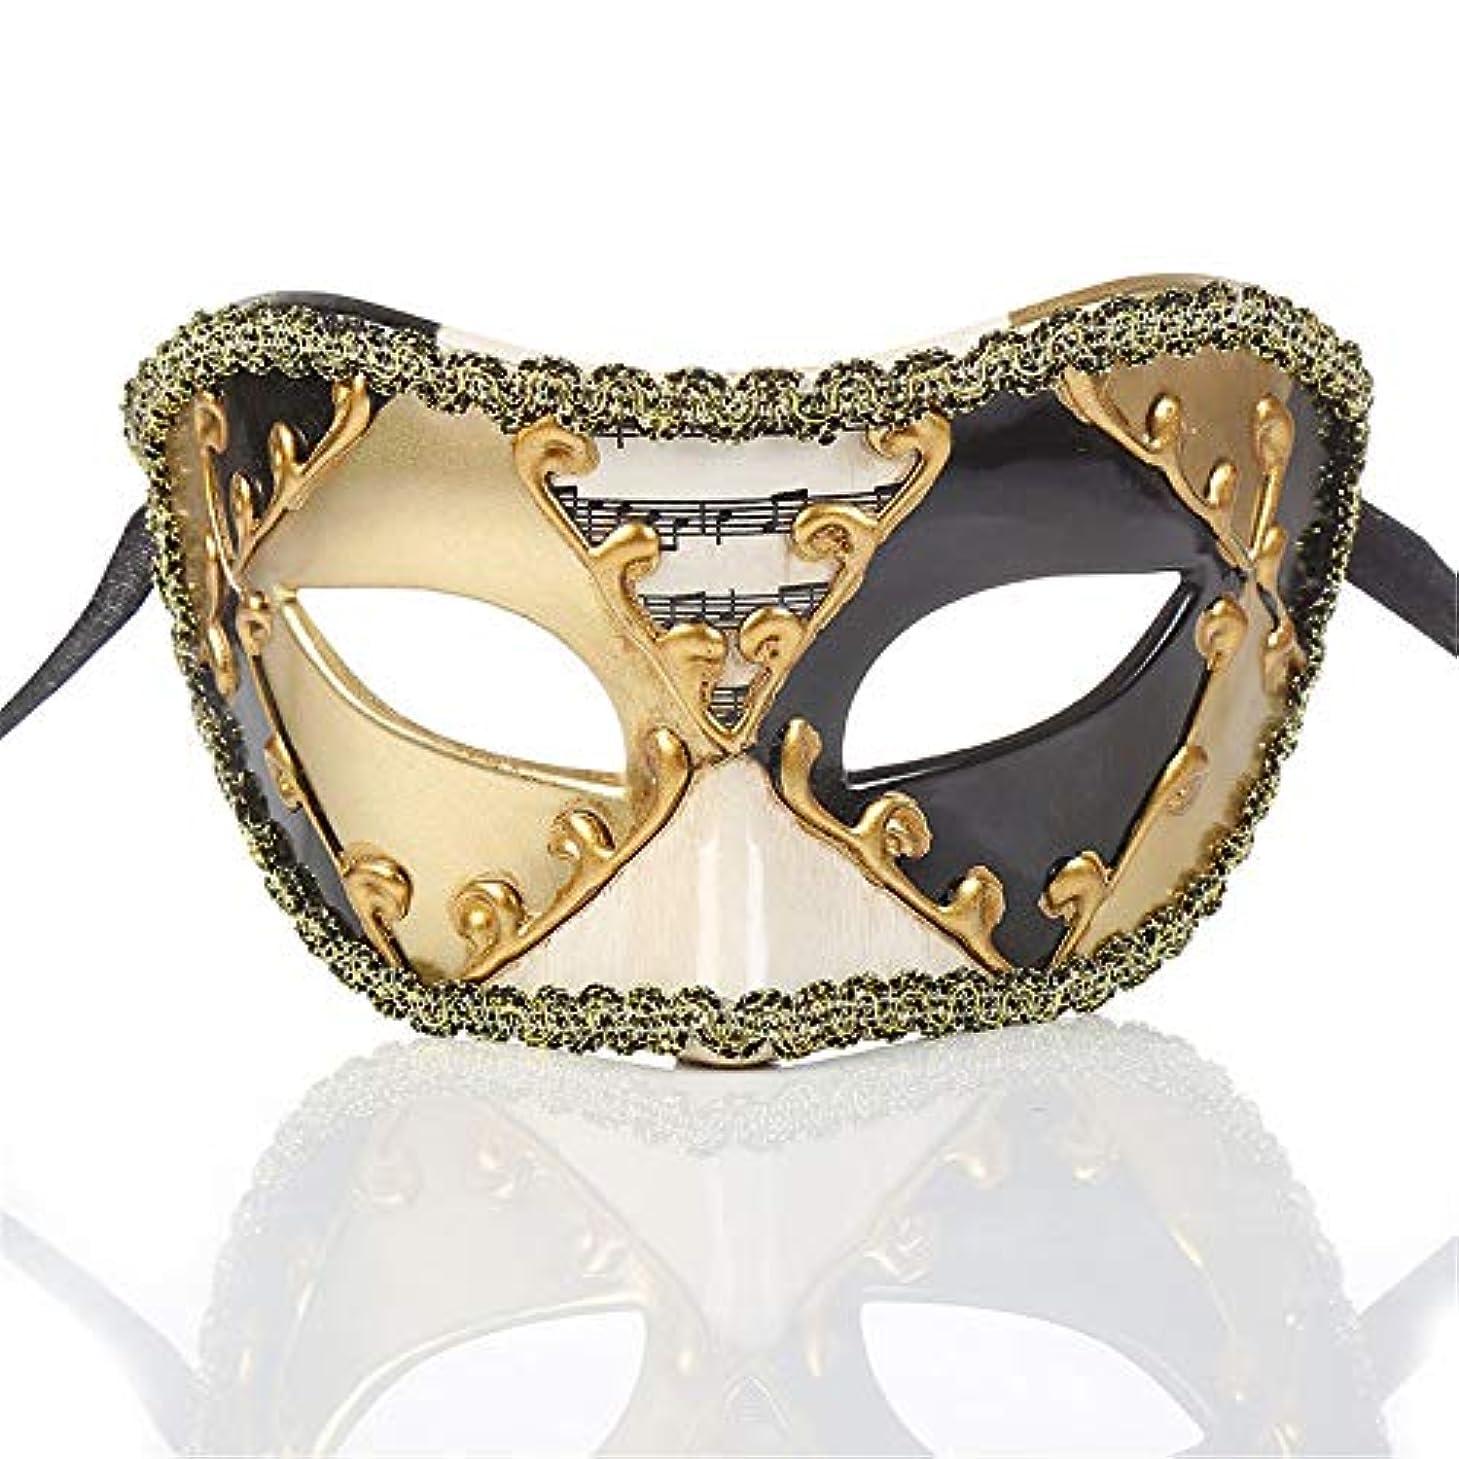 ビルダーせせらぎリスナーダンスマスク ヴィンテージクラシックハーフフェイスクラウンミュージカルノート装飾マスクフェスティバルロールプレイングプラスチックマスク ホリデーパーティー用品 (色 : ブラック, サイズ : 16.5x8cm)